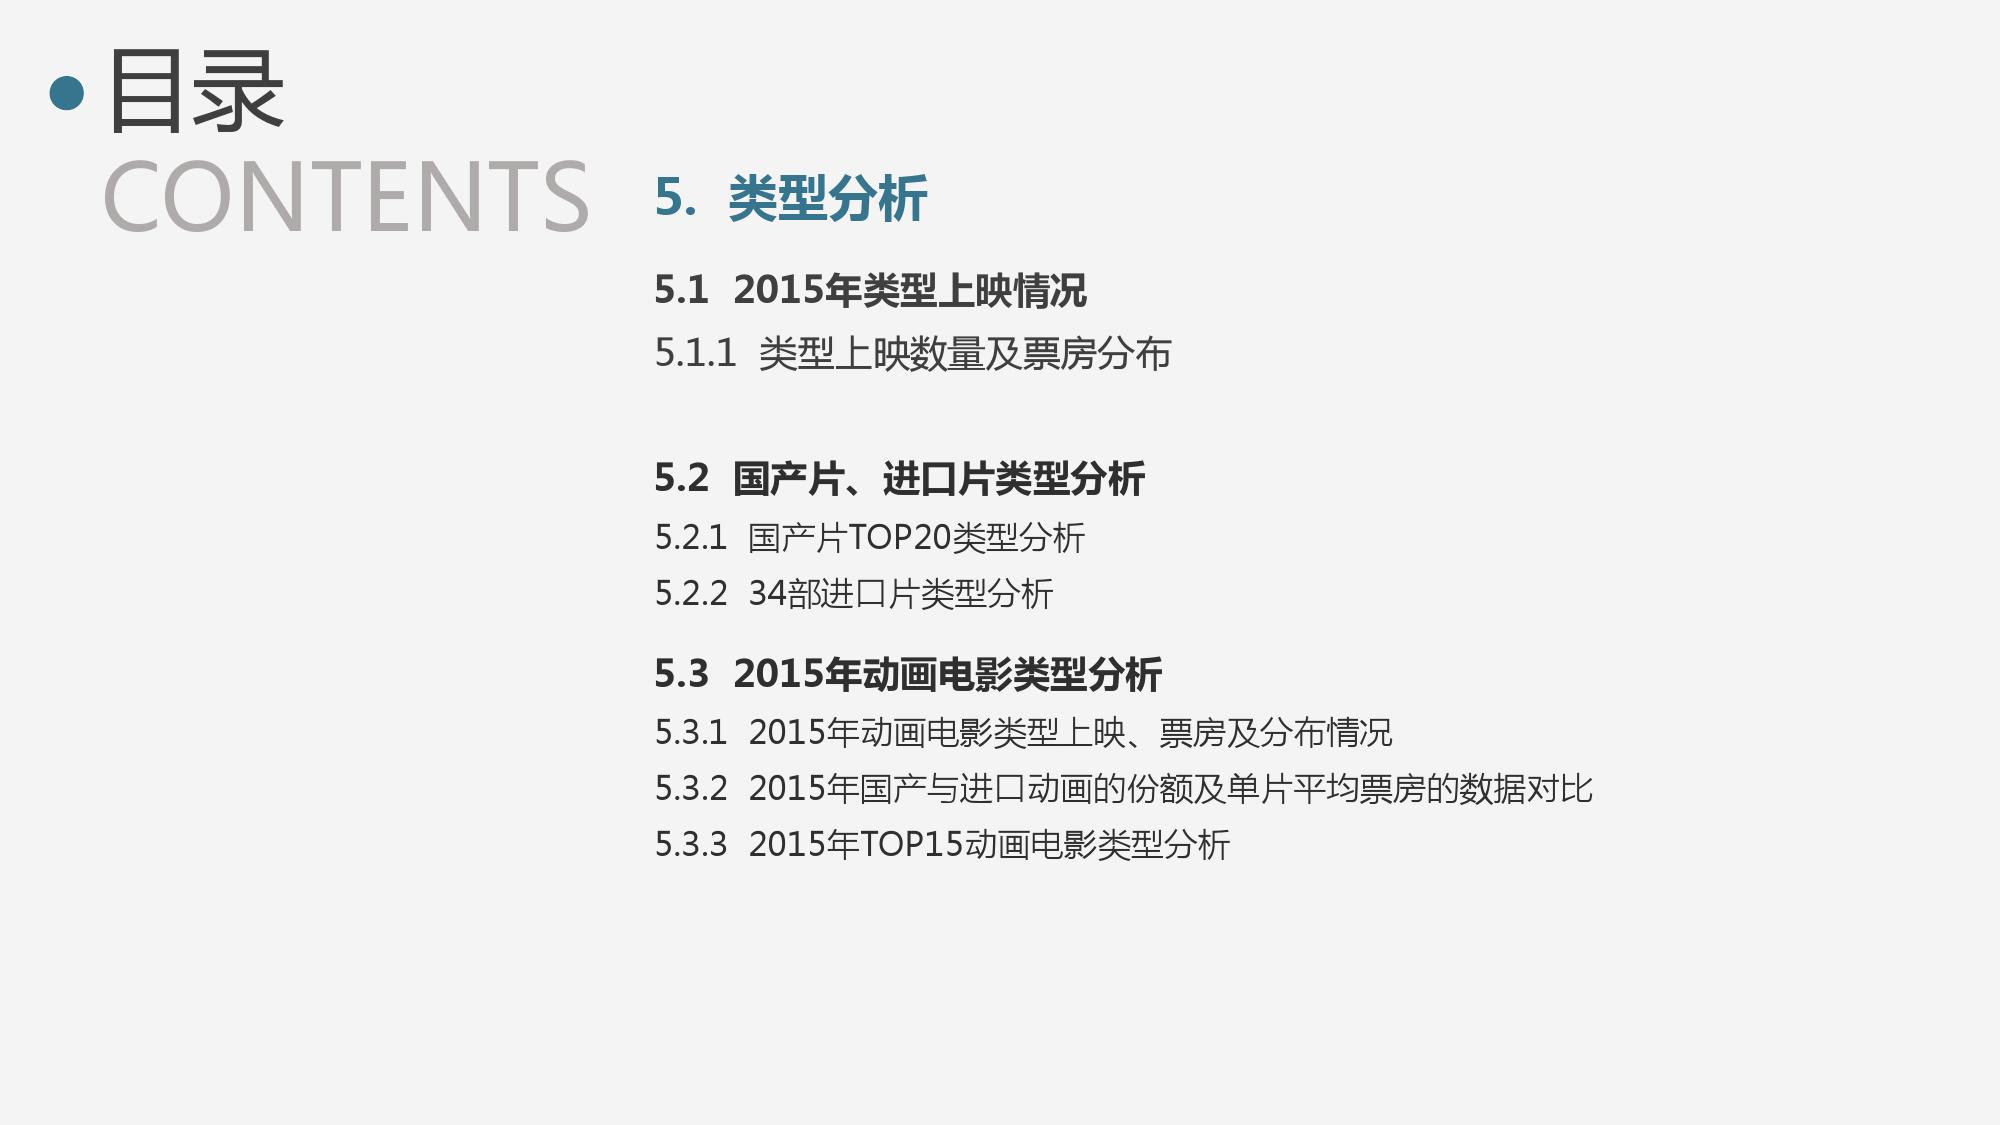 2015年度中国电影产业报告_000006